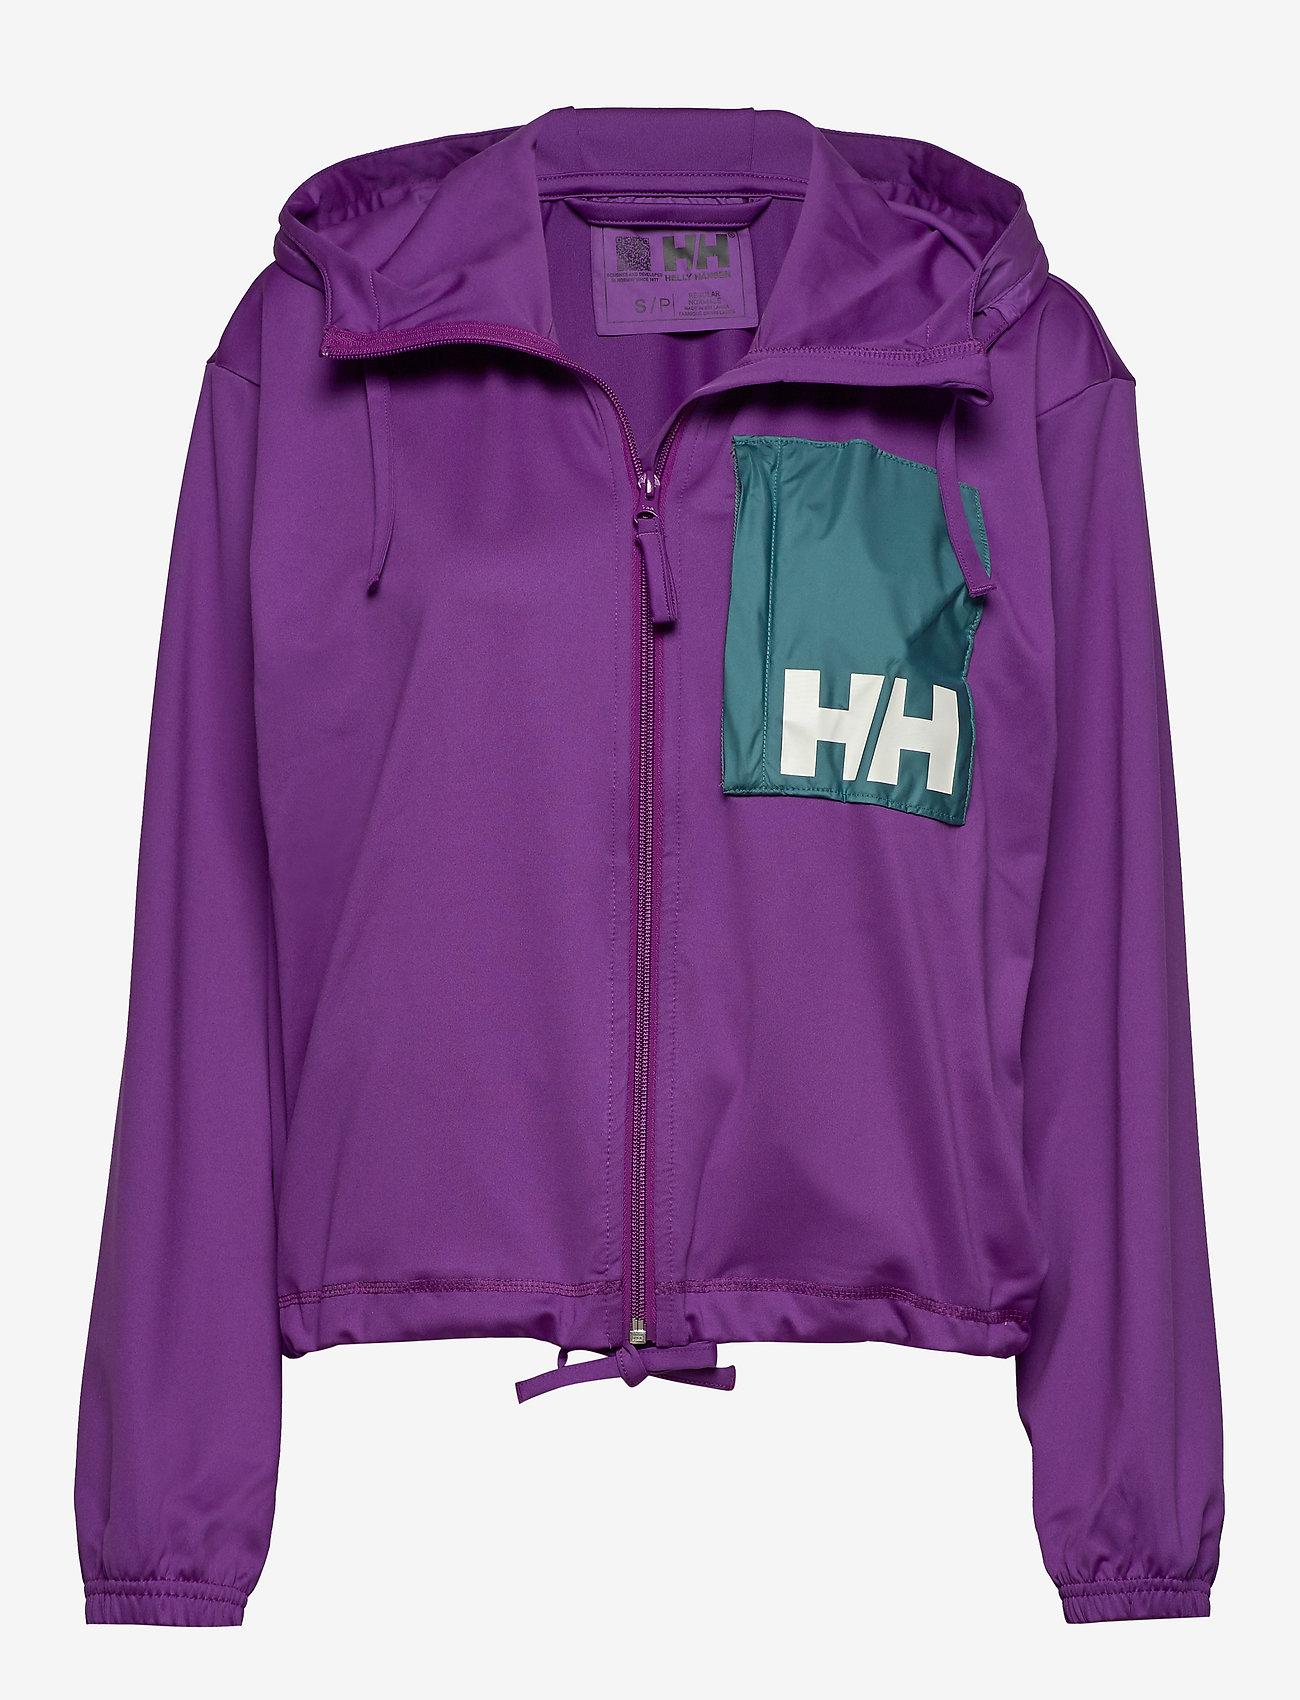 W P&c Jacket (Heritage Purple) - Helly Hansen hxov49